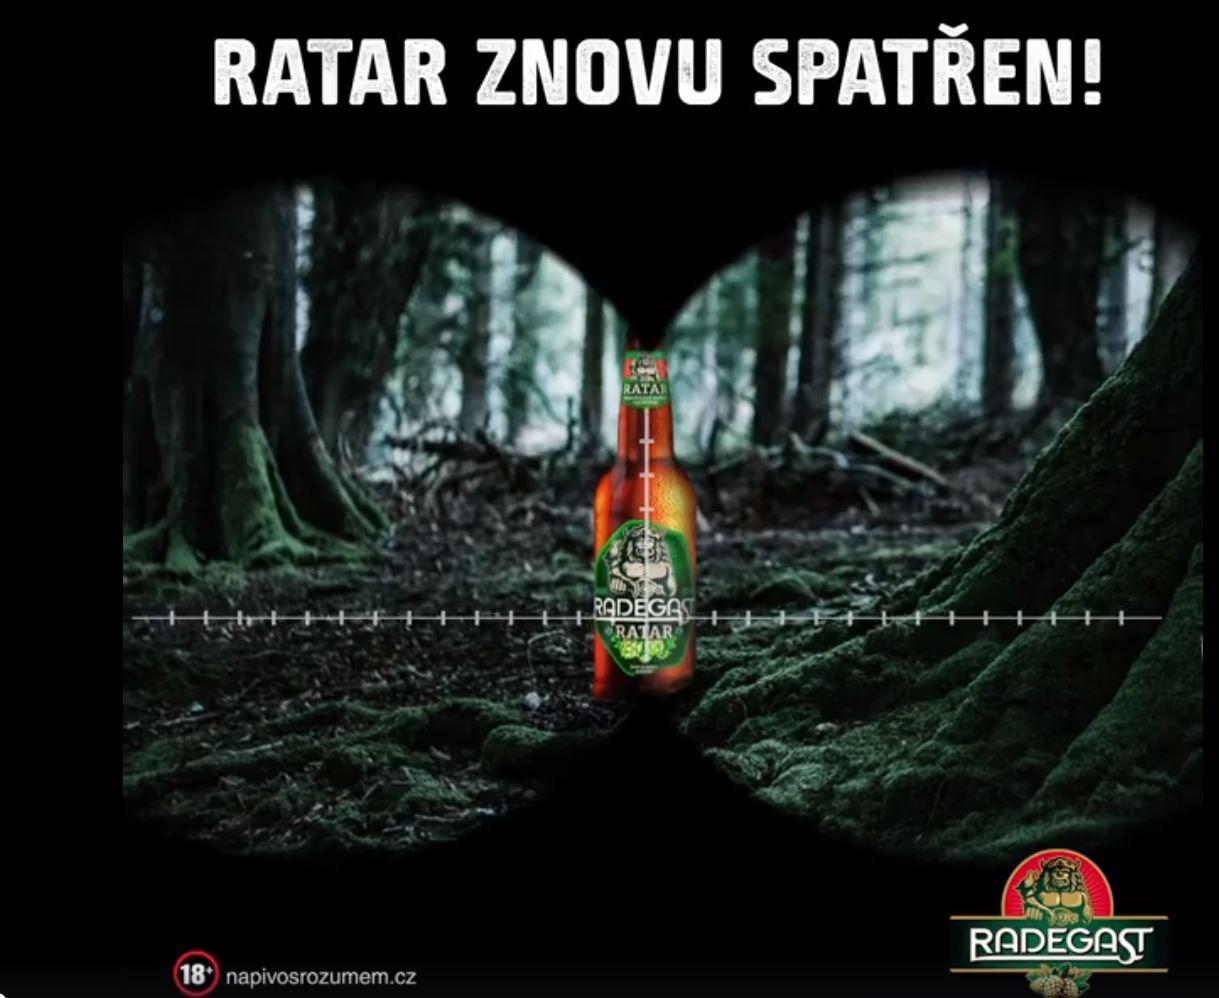 Spot pro Ratar, nejvíc hořké pivo Radegastu, uvařil Boomerang za několik dní